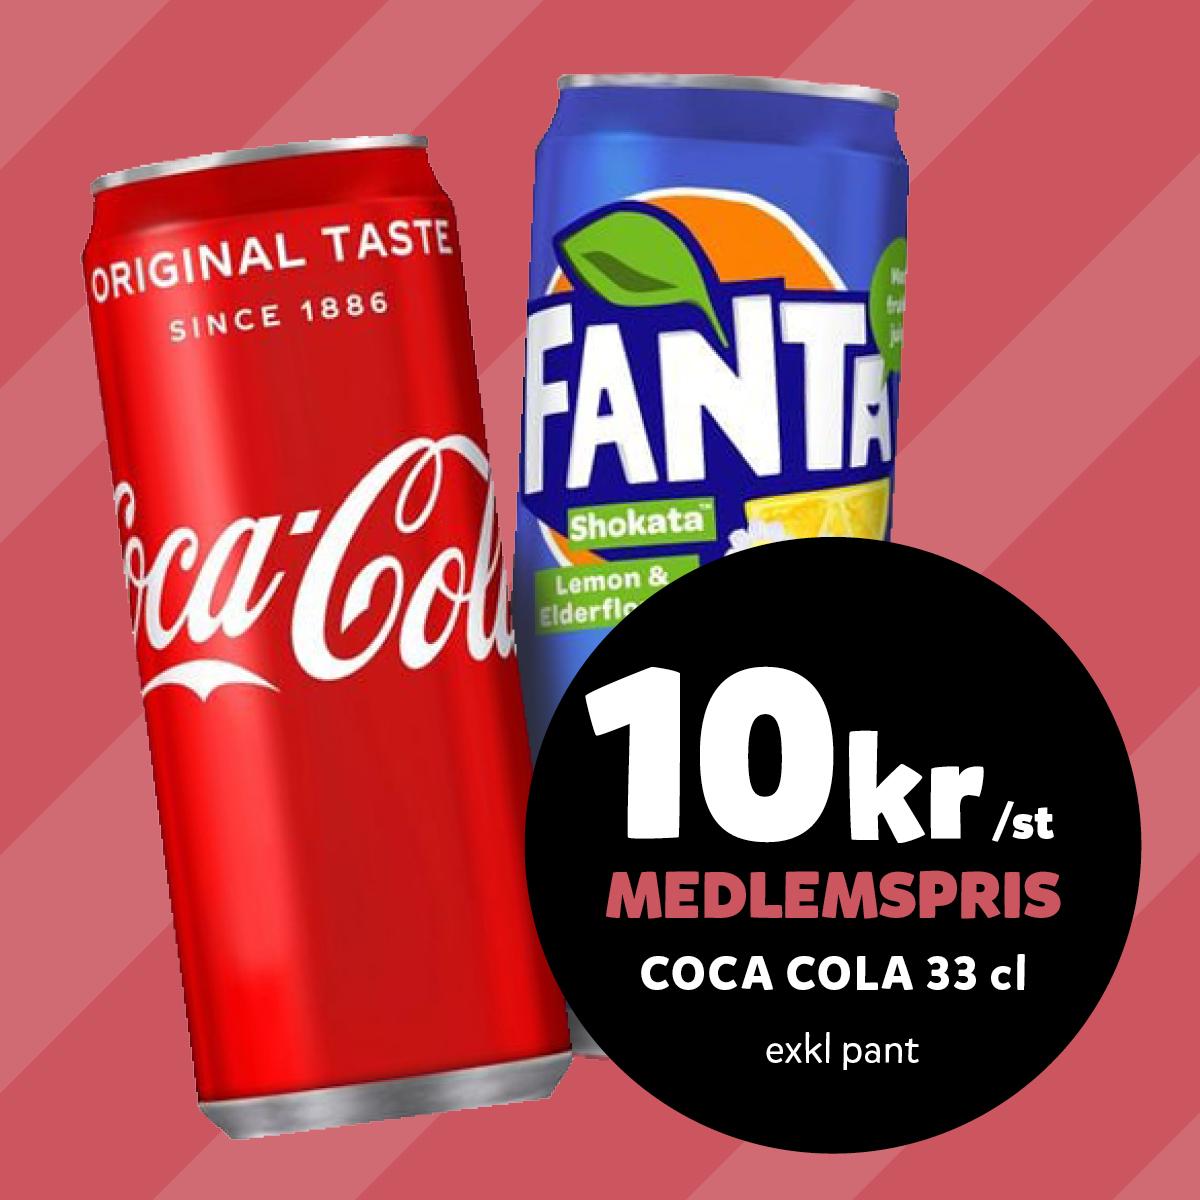 MEDLEM: 10:- ex pant t.o.m 29/8 Coca-Cola 33 cl (ord.pris 13.90/st ex pant)